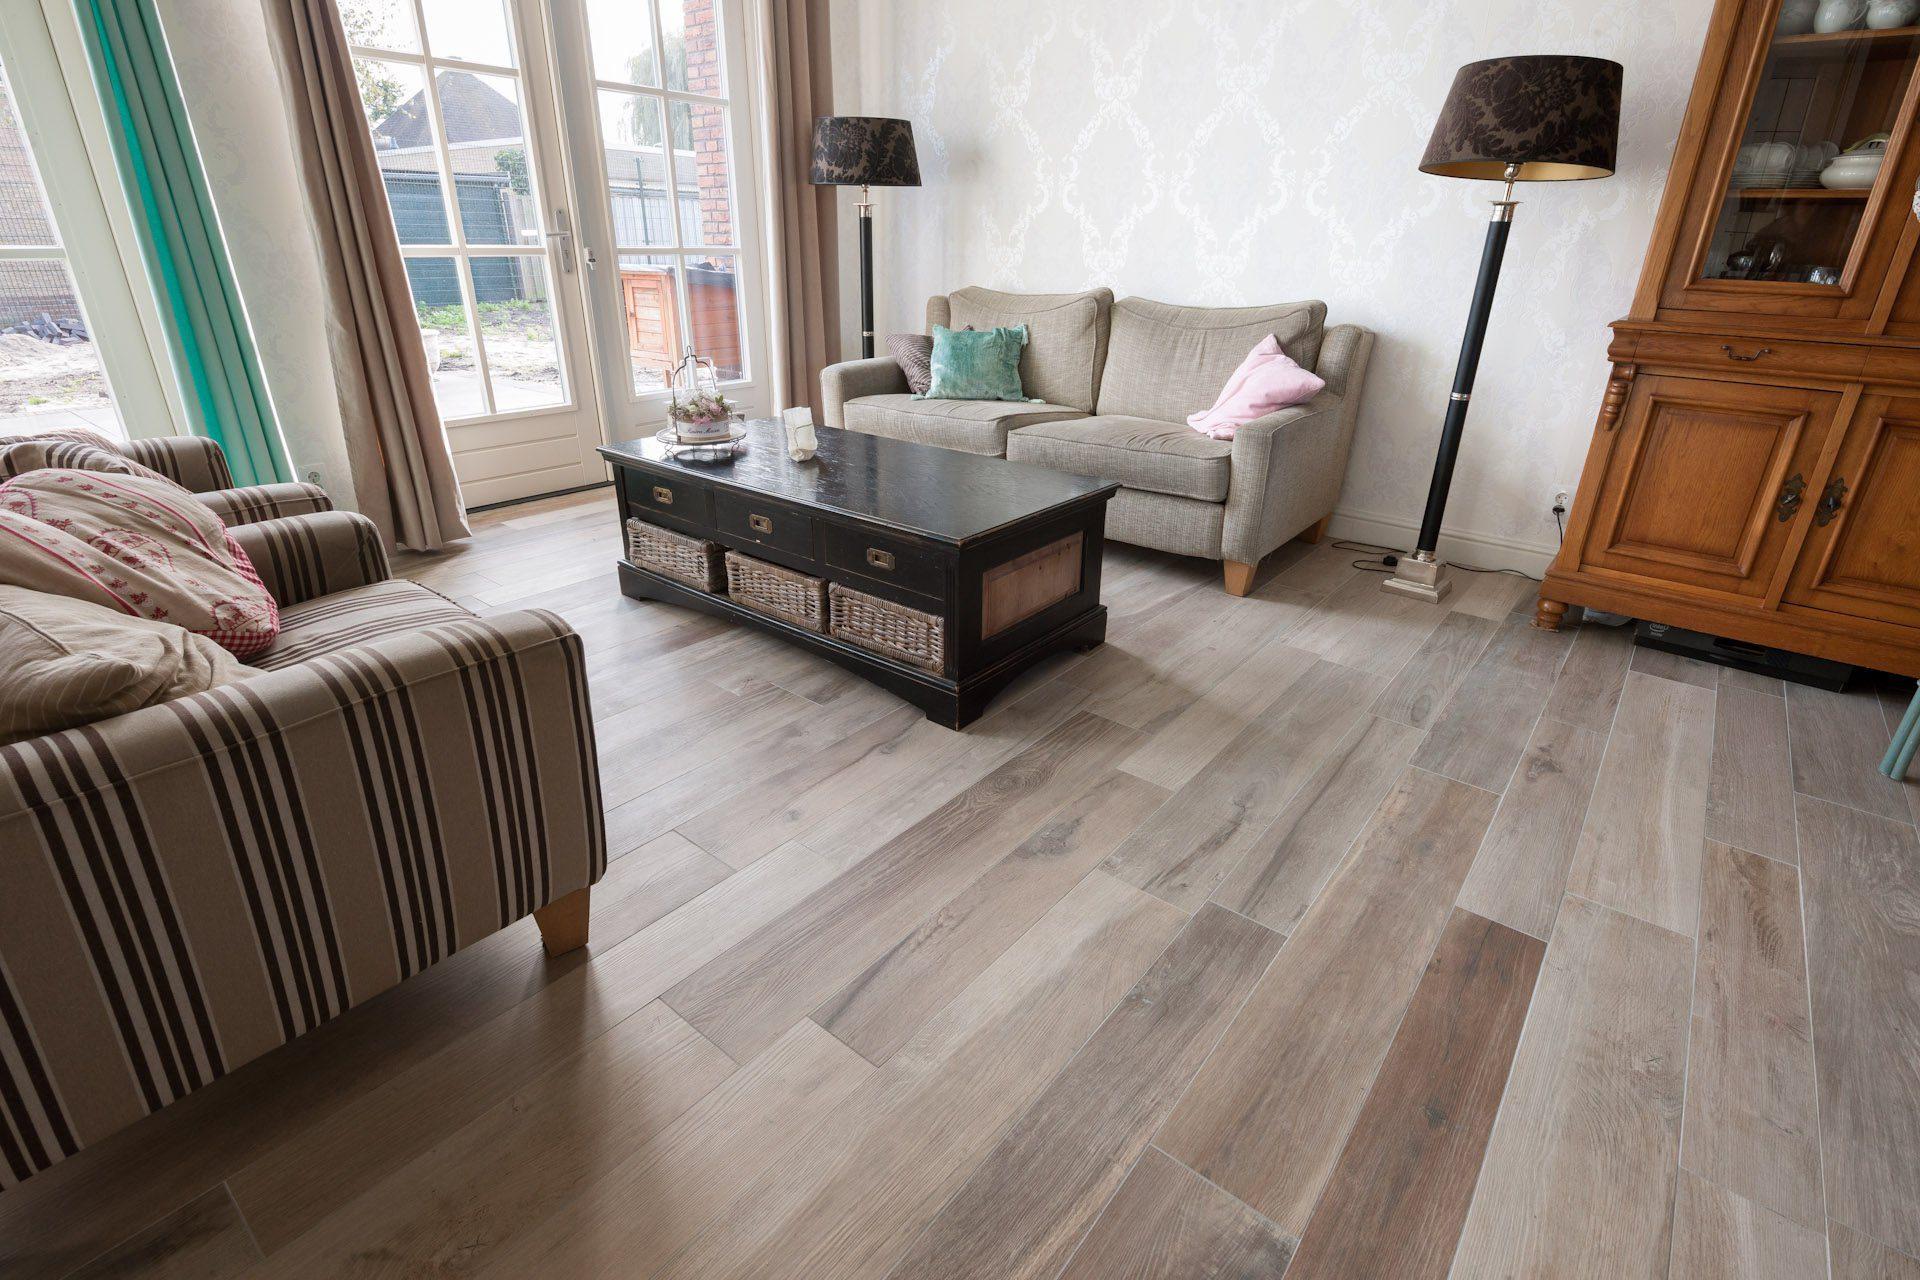 Houtlook vloer in woonkamer donkere patroontegels in keuken Woonkamer tegels